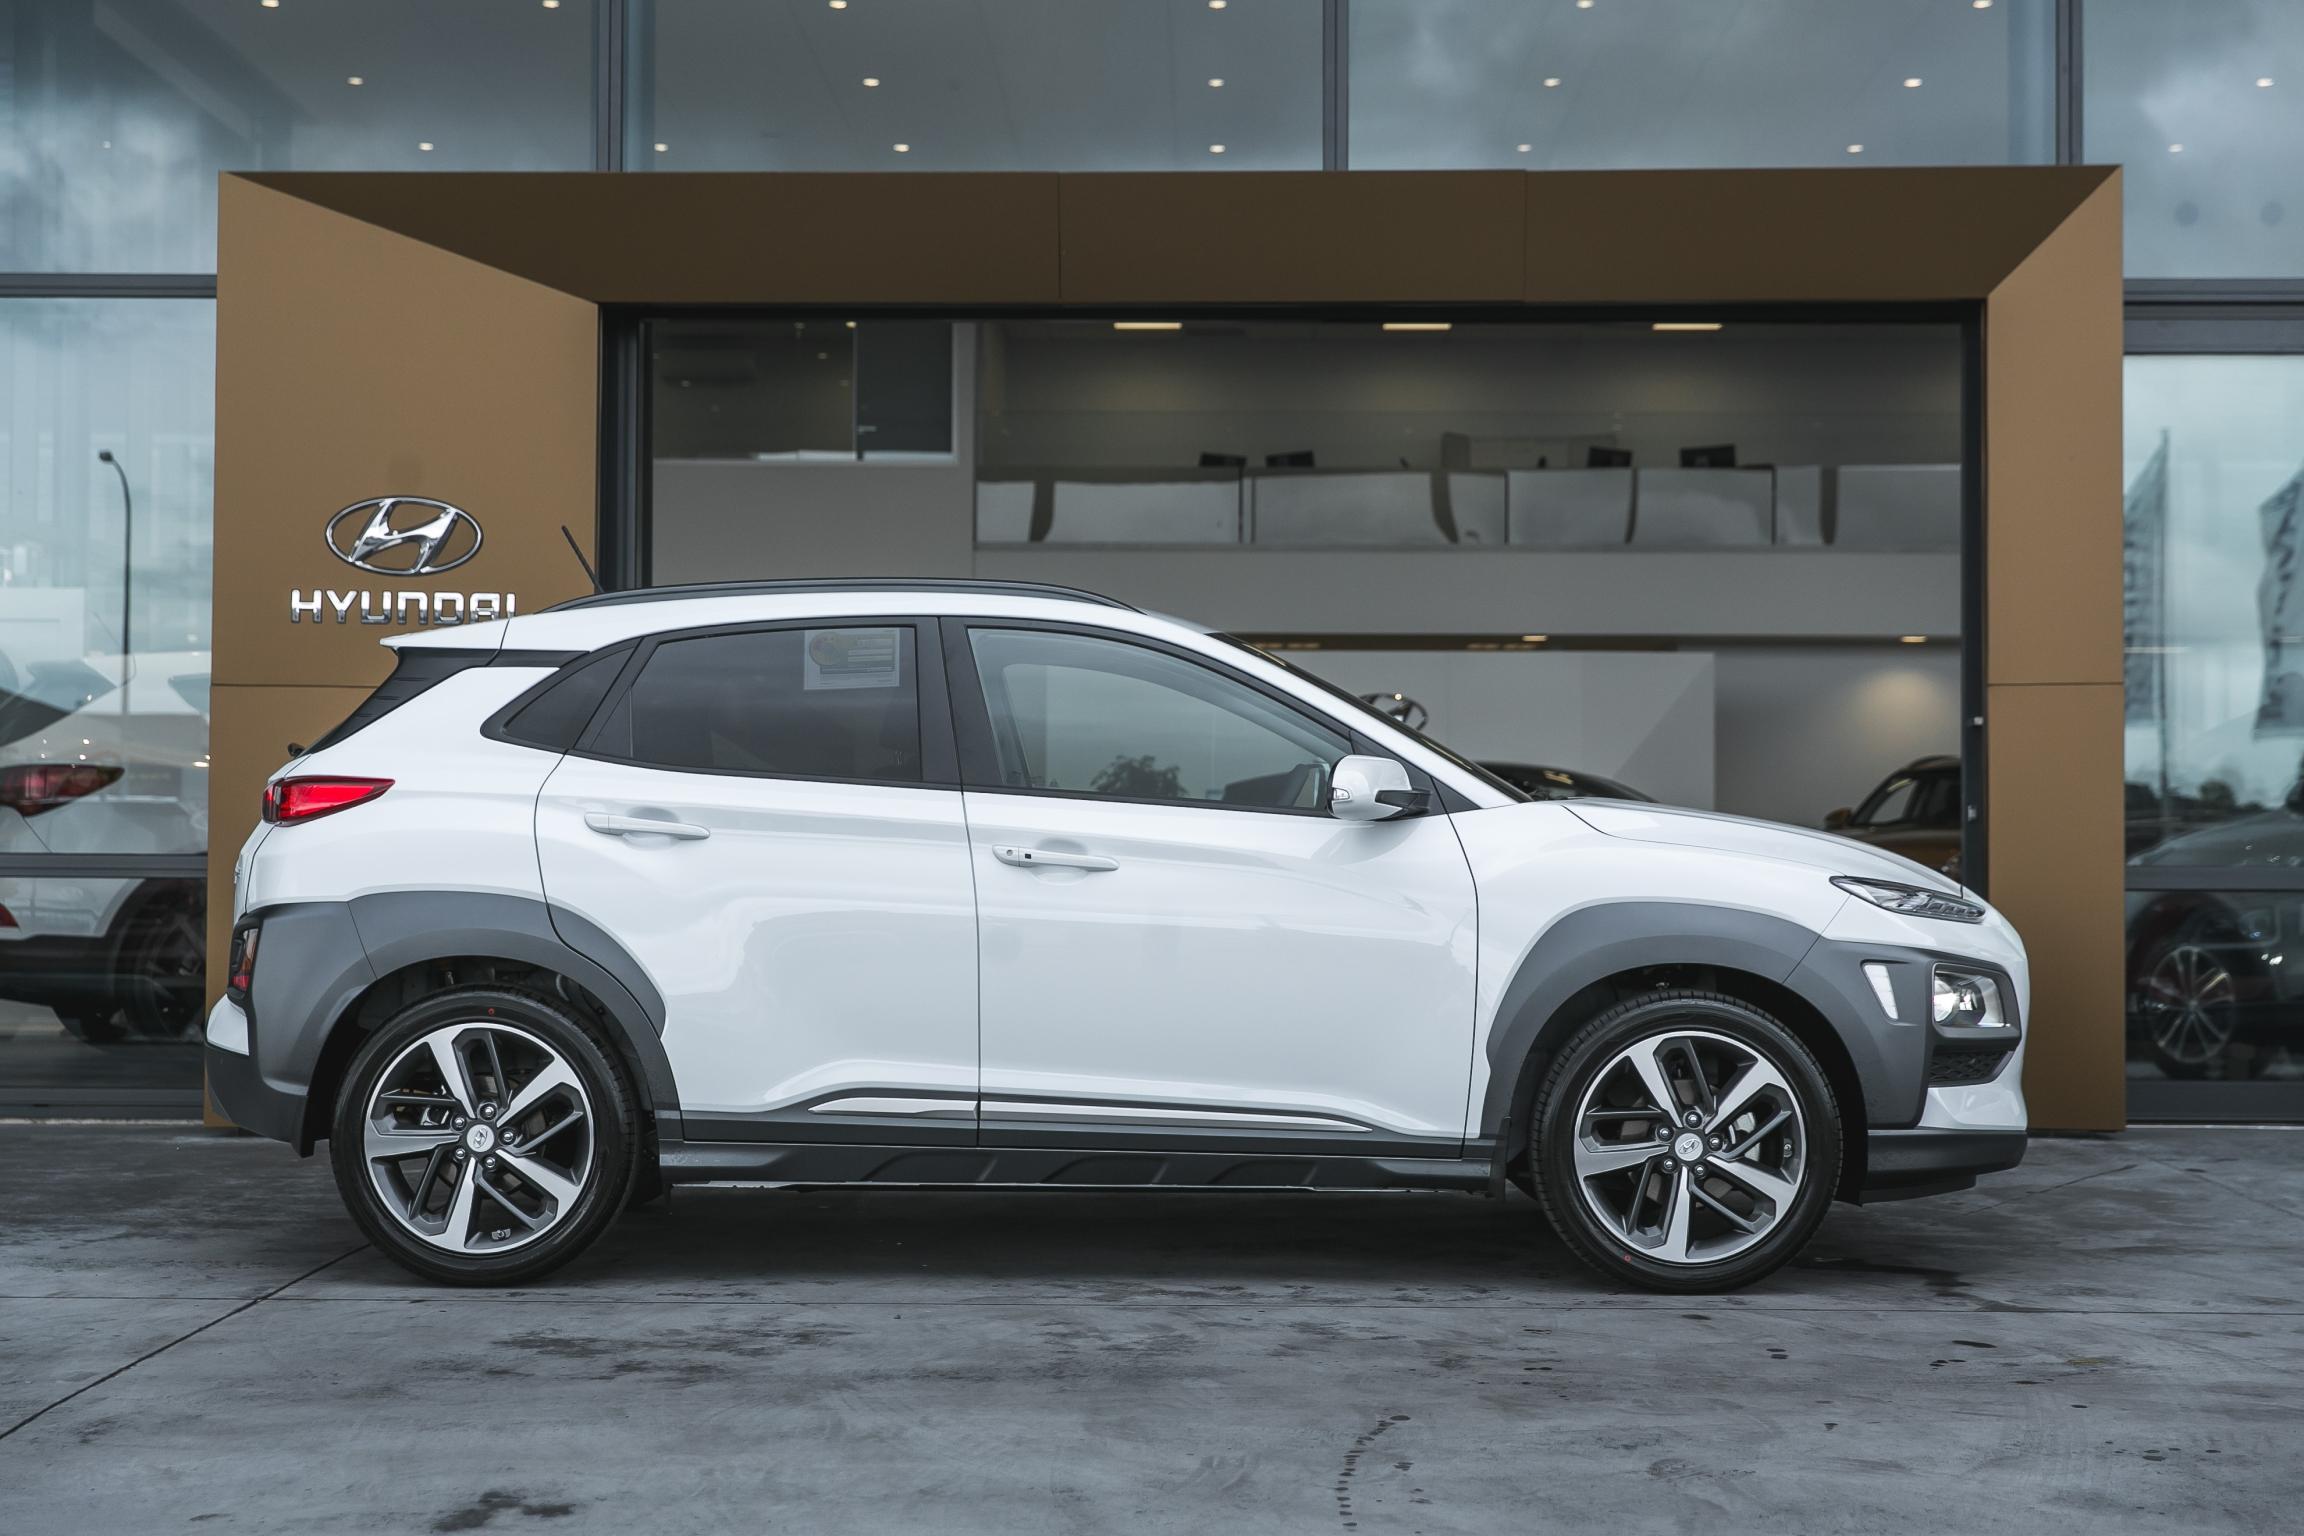 Hyundai Sonata Hybrid 2018 >> Used Hyundai 2018 Kona 2.0L Elite | Hyundai NZ